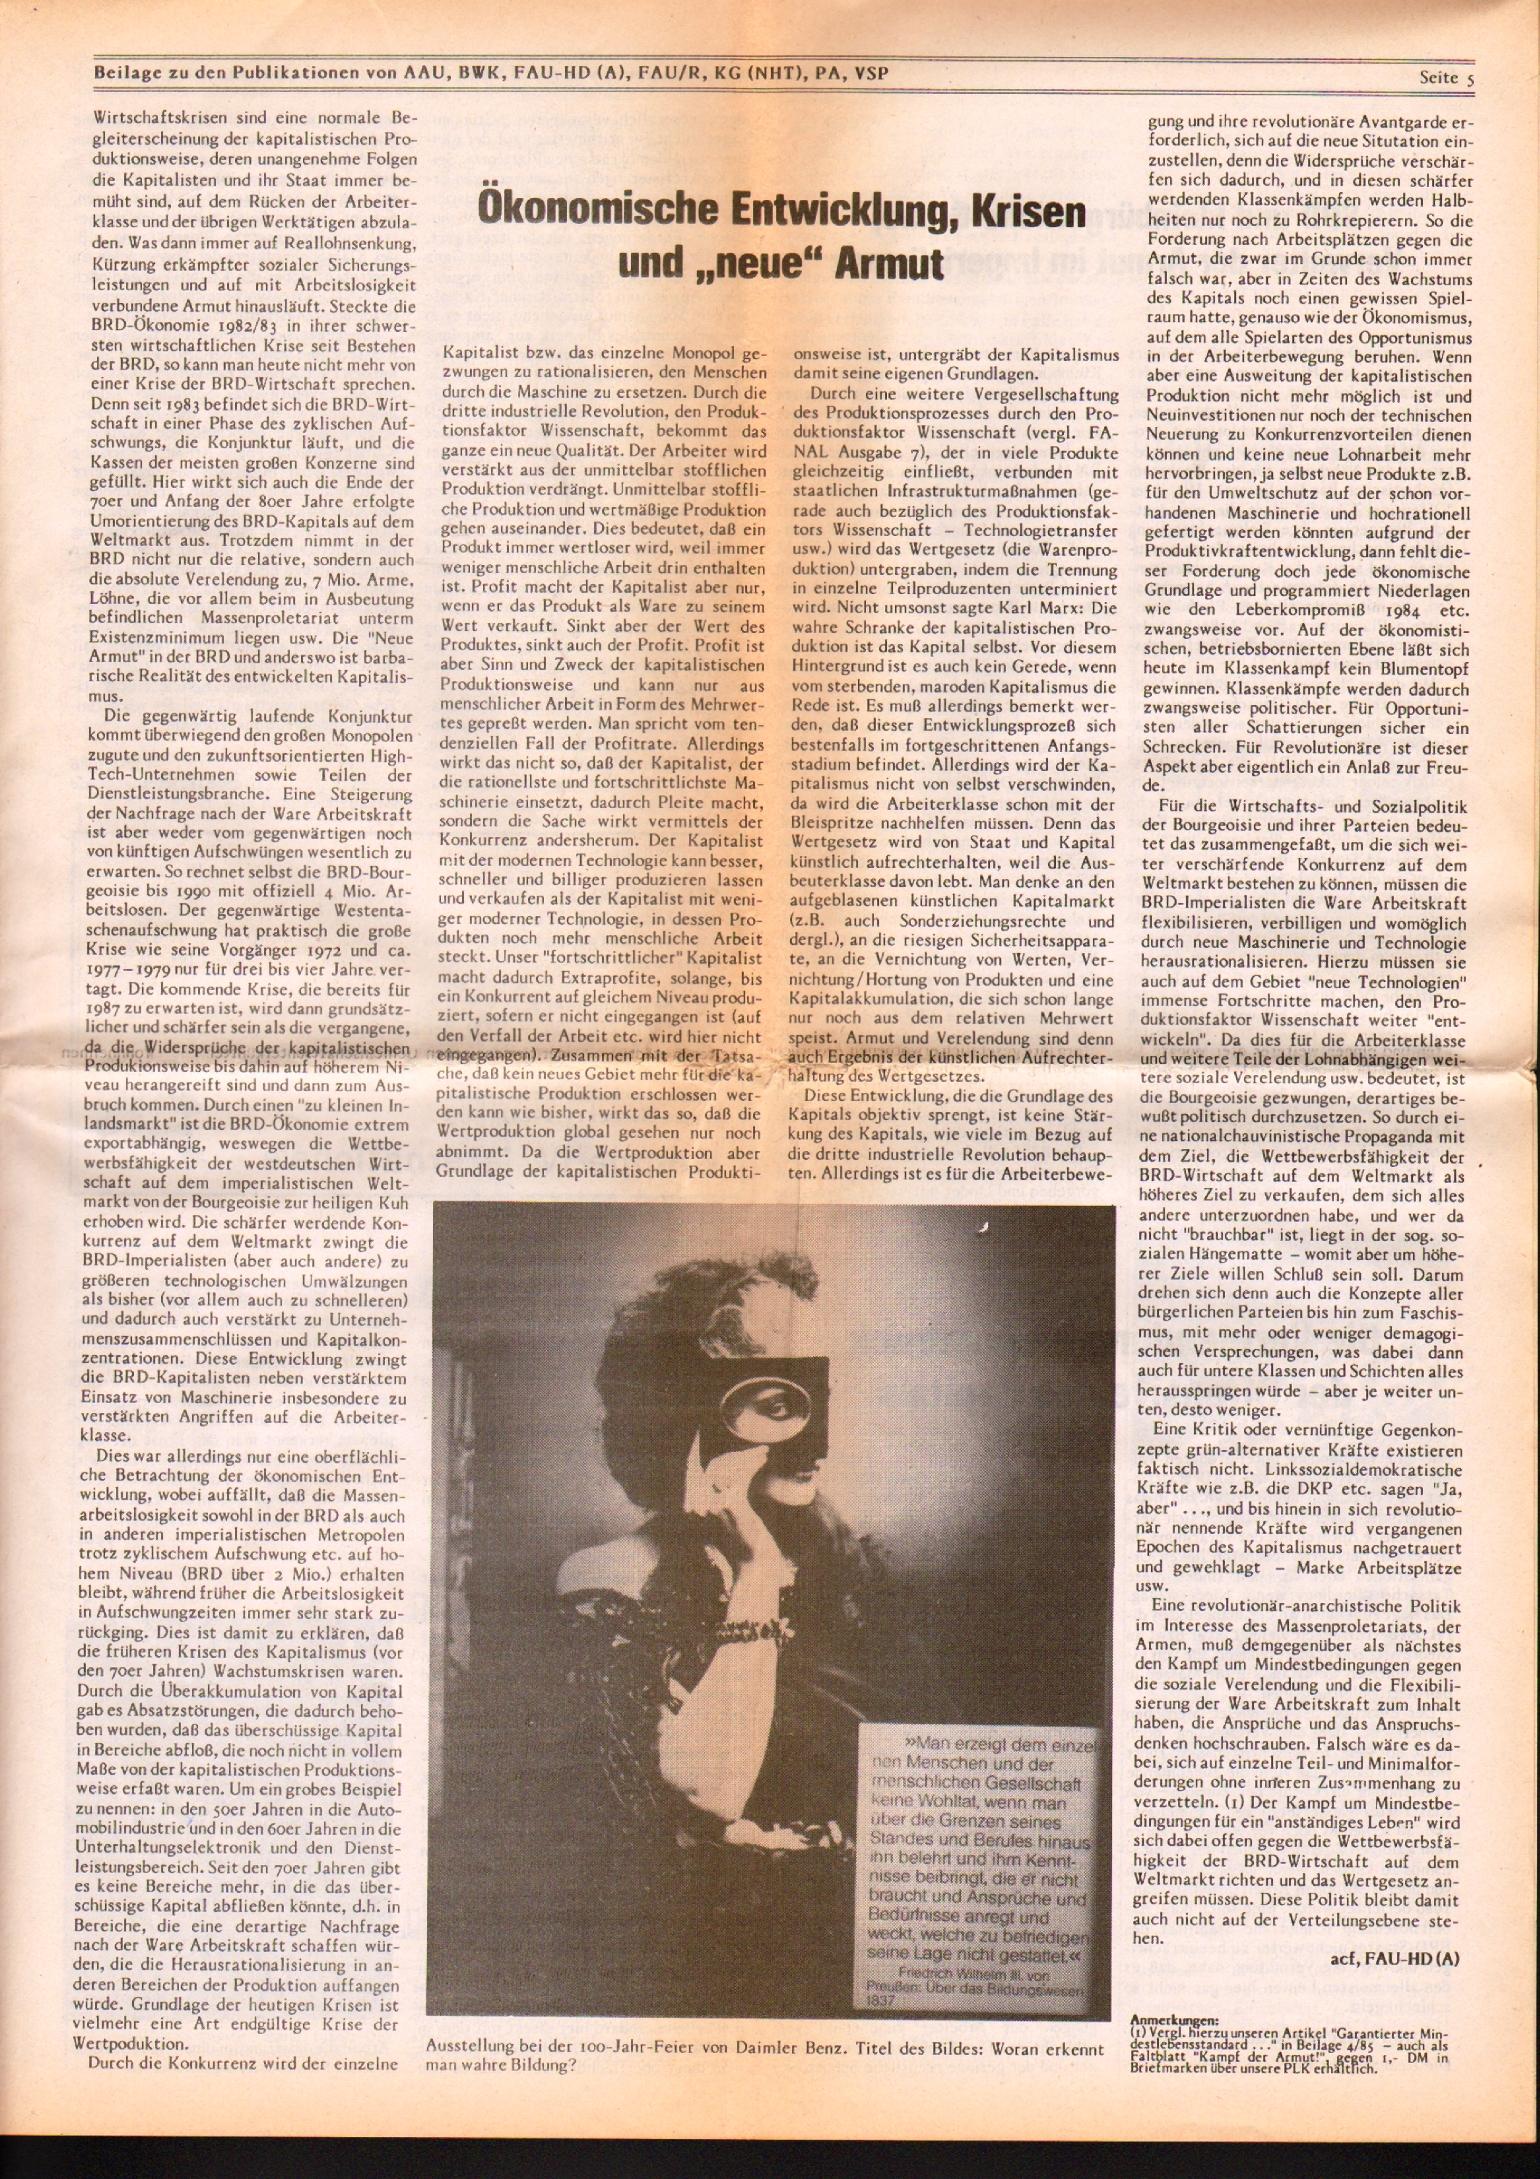 Gemeinsame_Beilage_1986_04_05